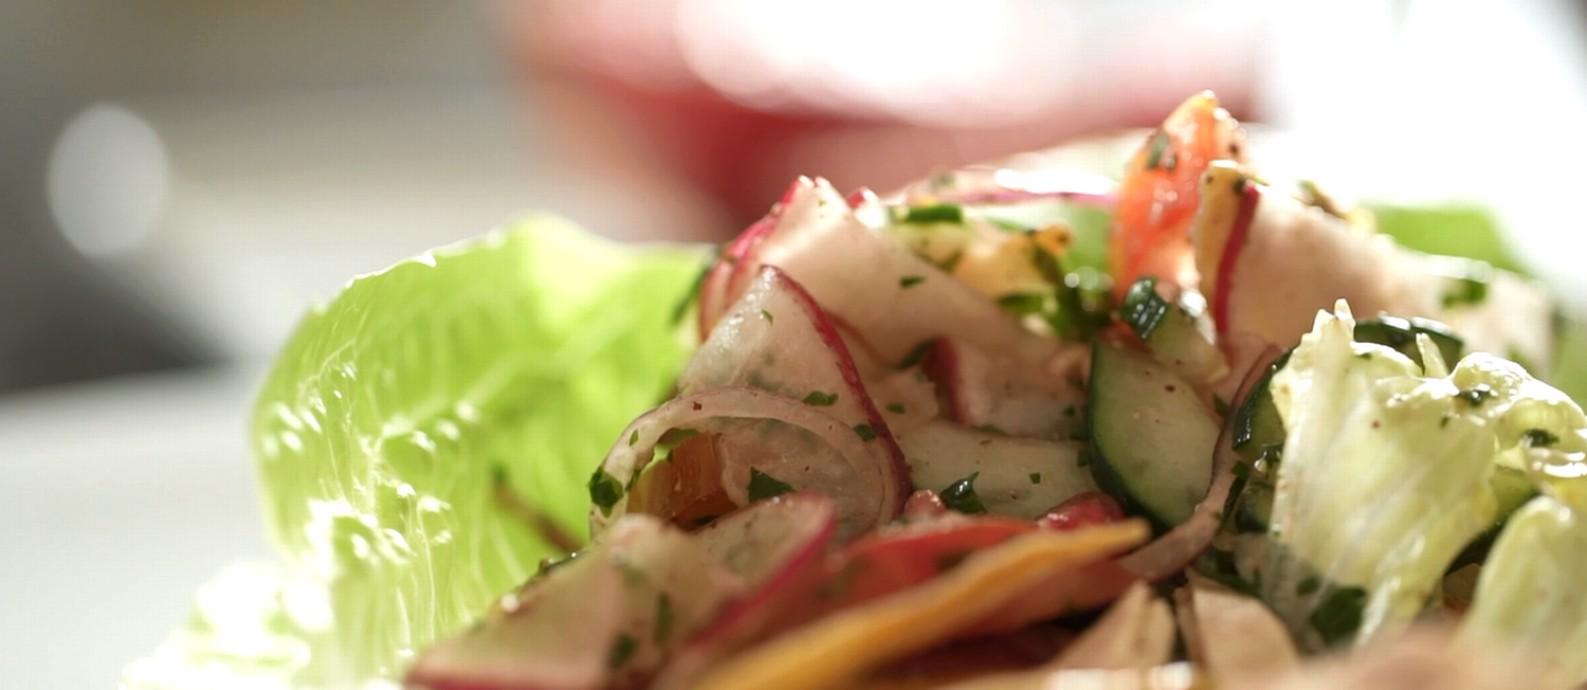 Salada fatouche: receita de origem árabe ajuda a cuidar da boa forma sem abrir mão do sabor Foto: G.lab